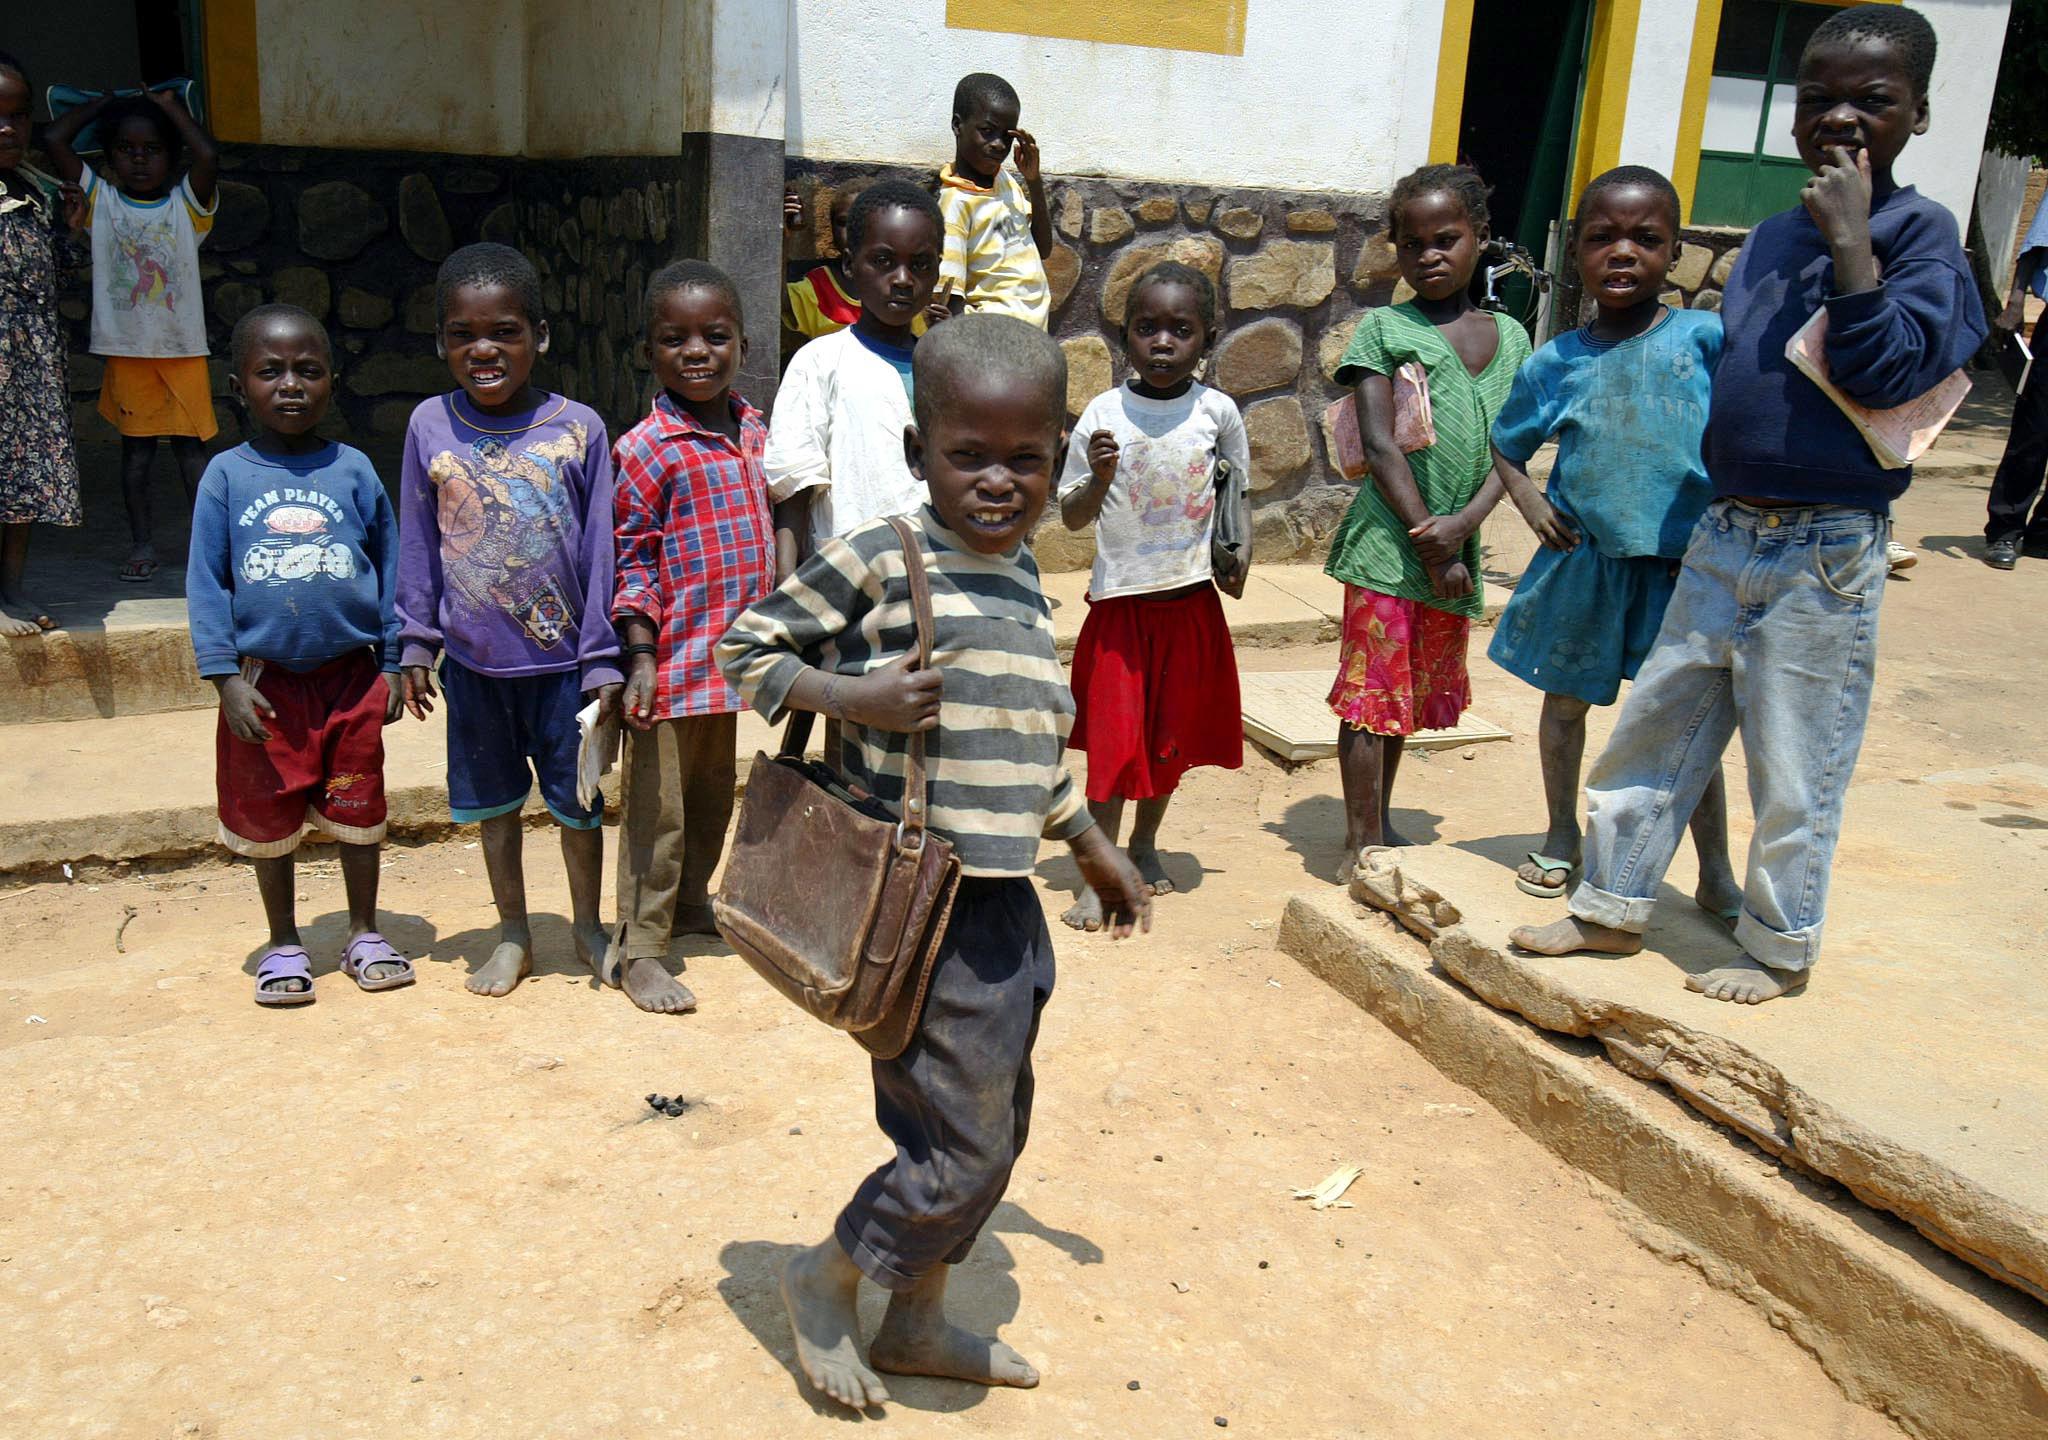 ONG Save The Children preocupada com falta de aulas em África